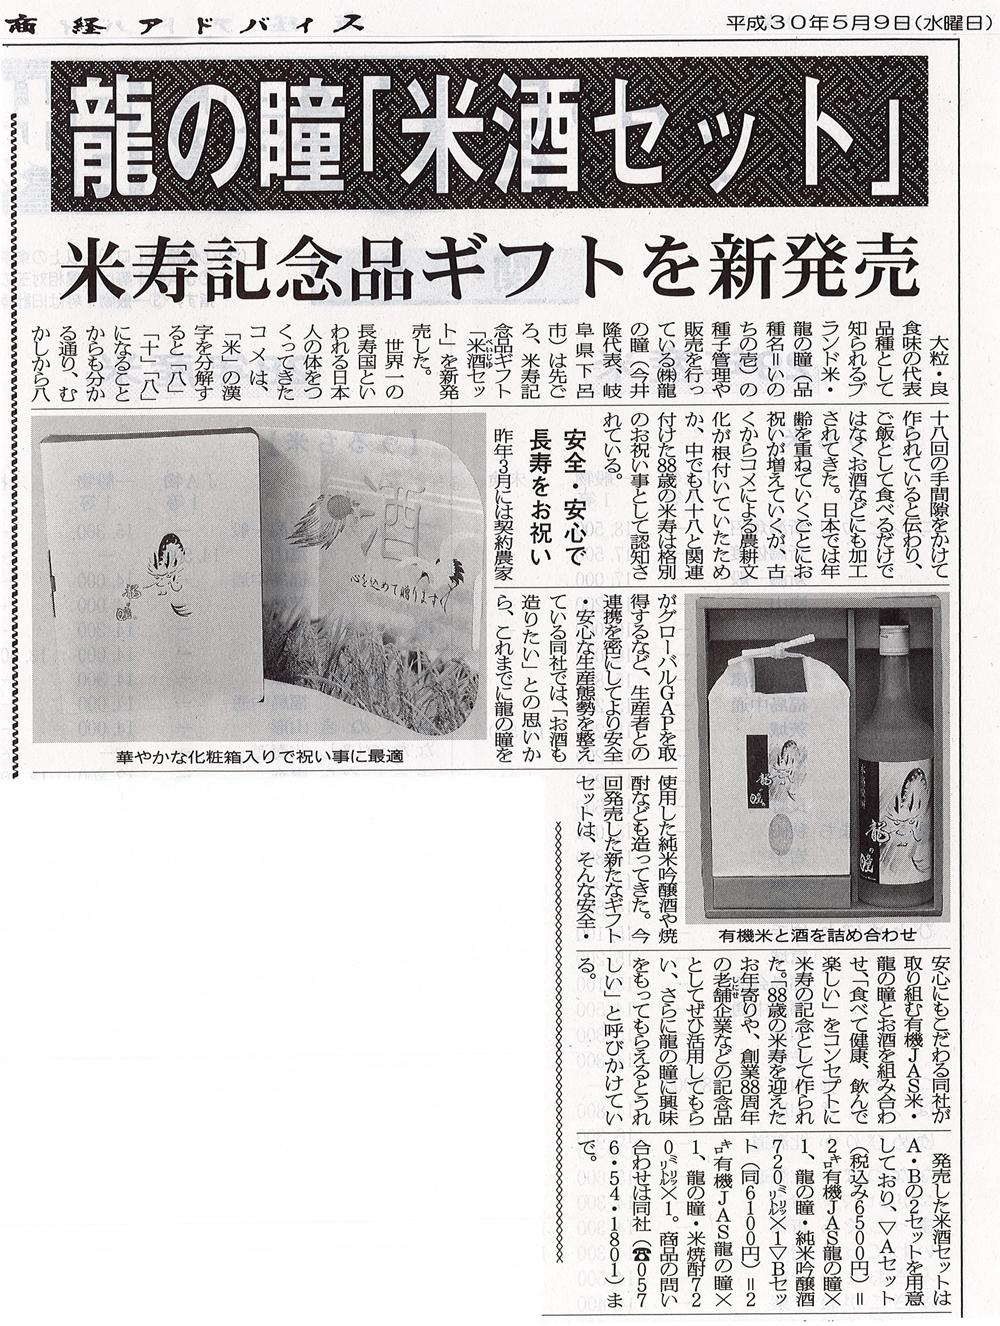 商経アドバイス 2018年5月9日掲...